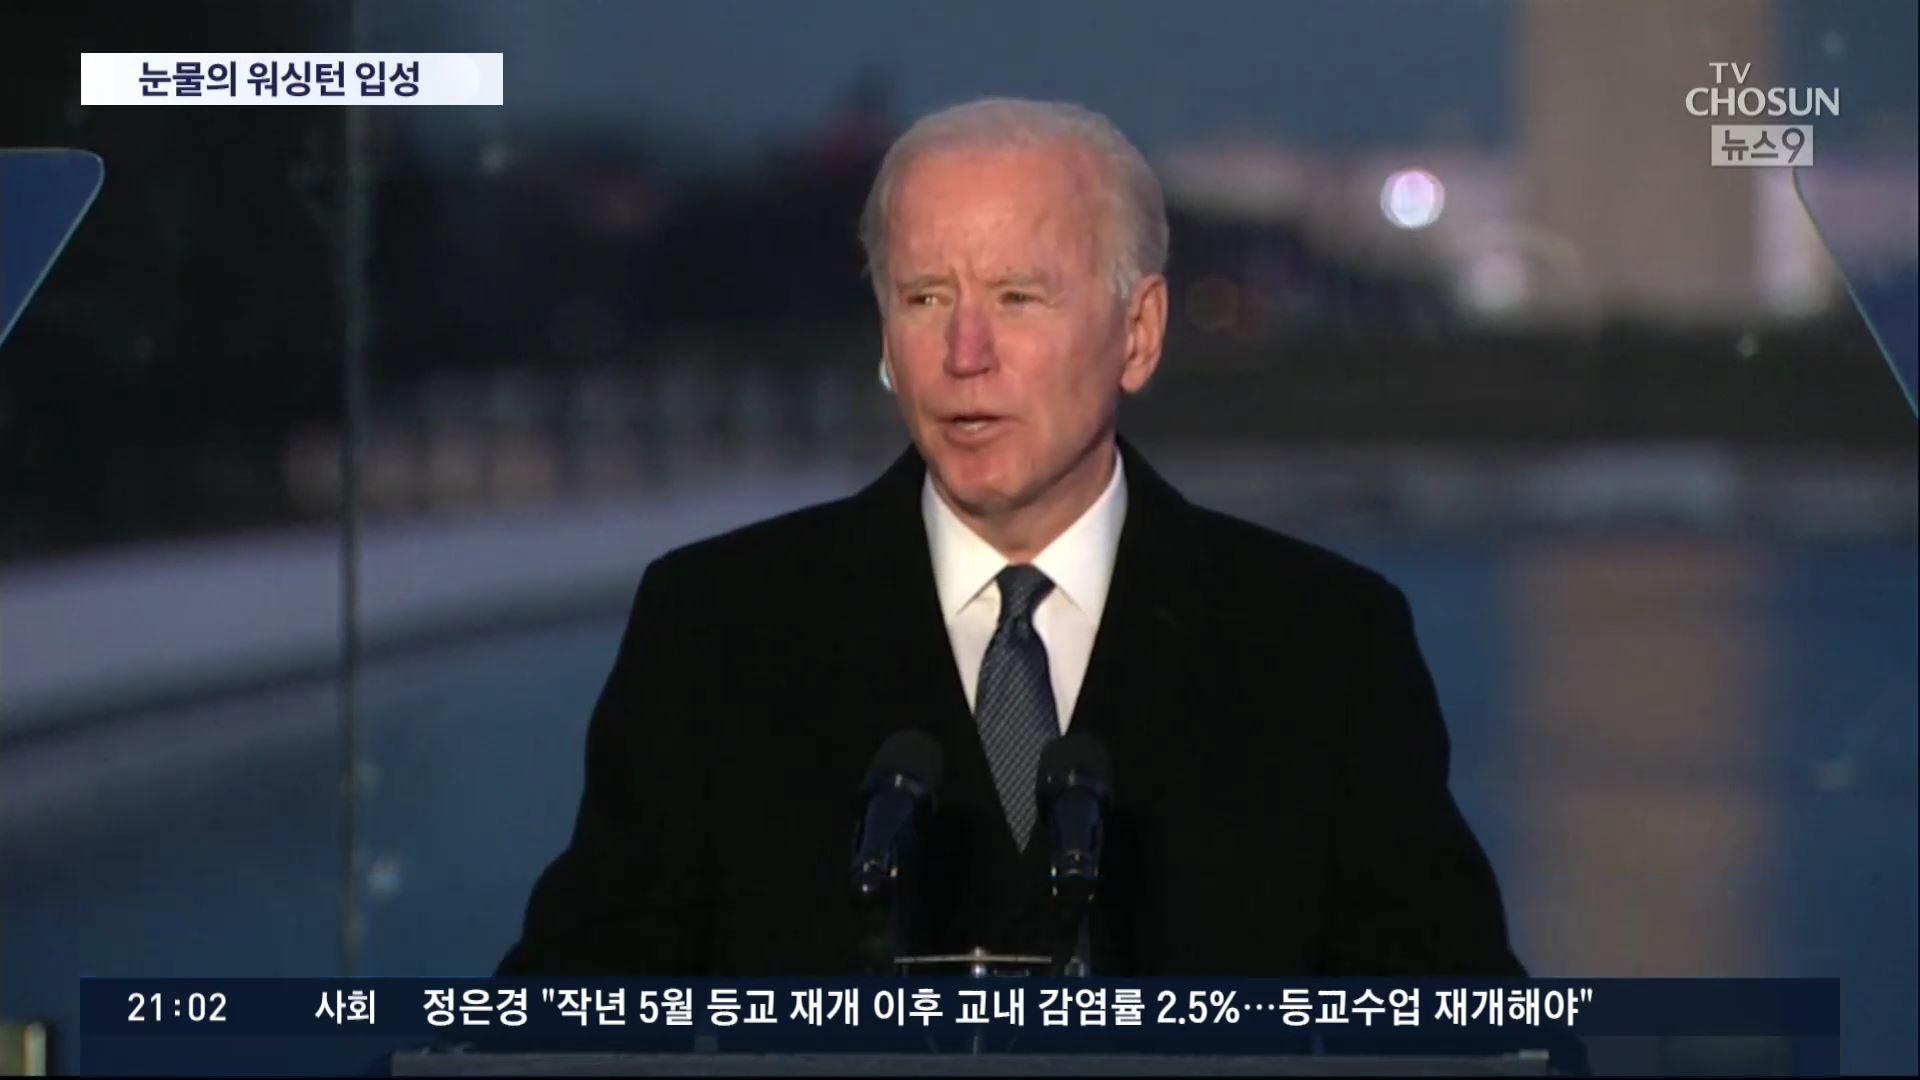 바이든 대통령 취임…'하나 된 美 , 화합과 단결' 메시지